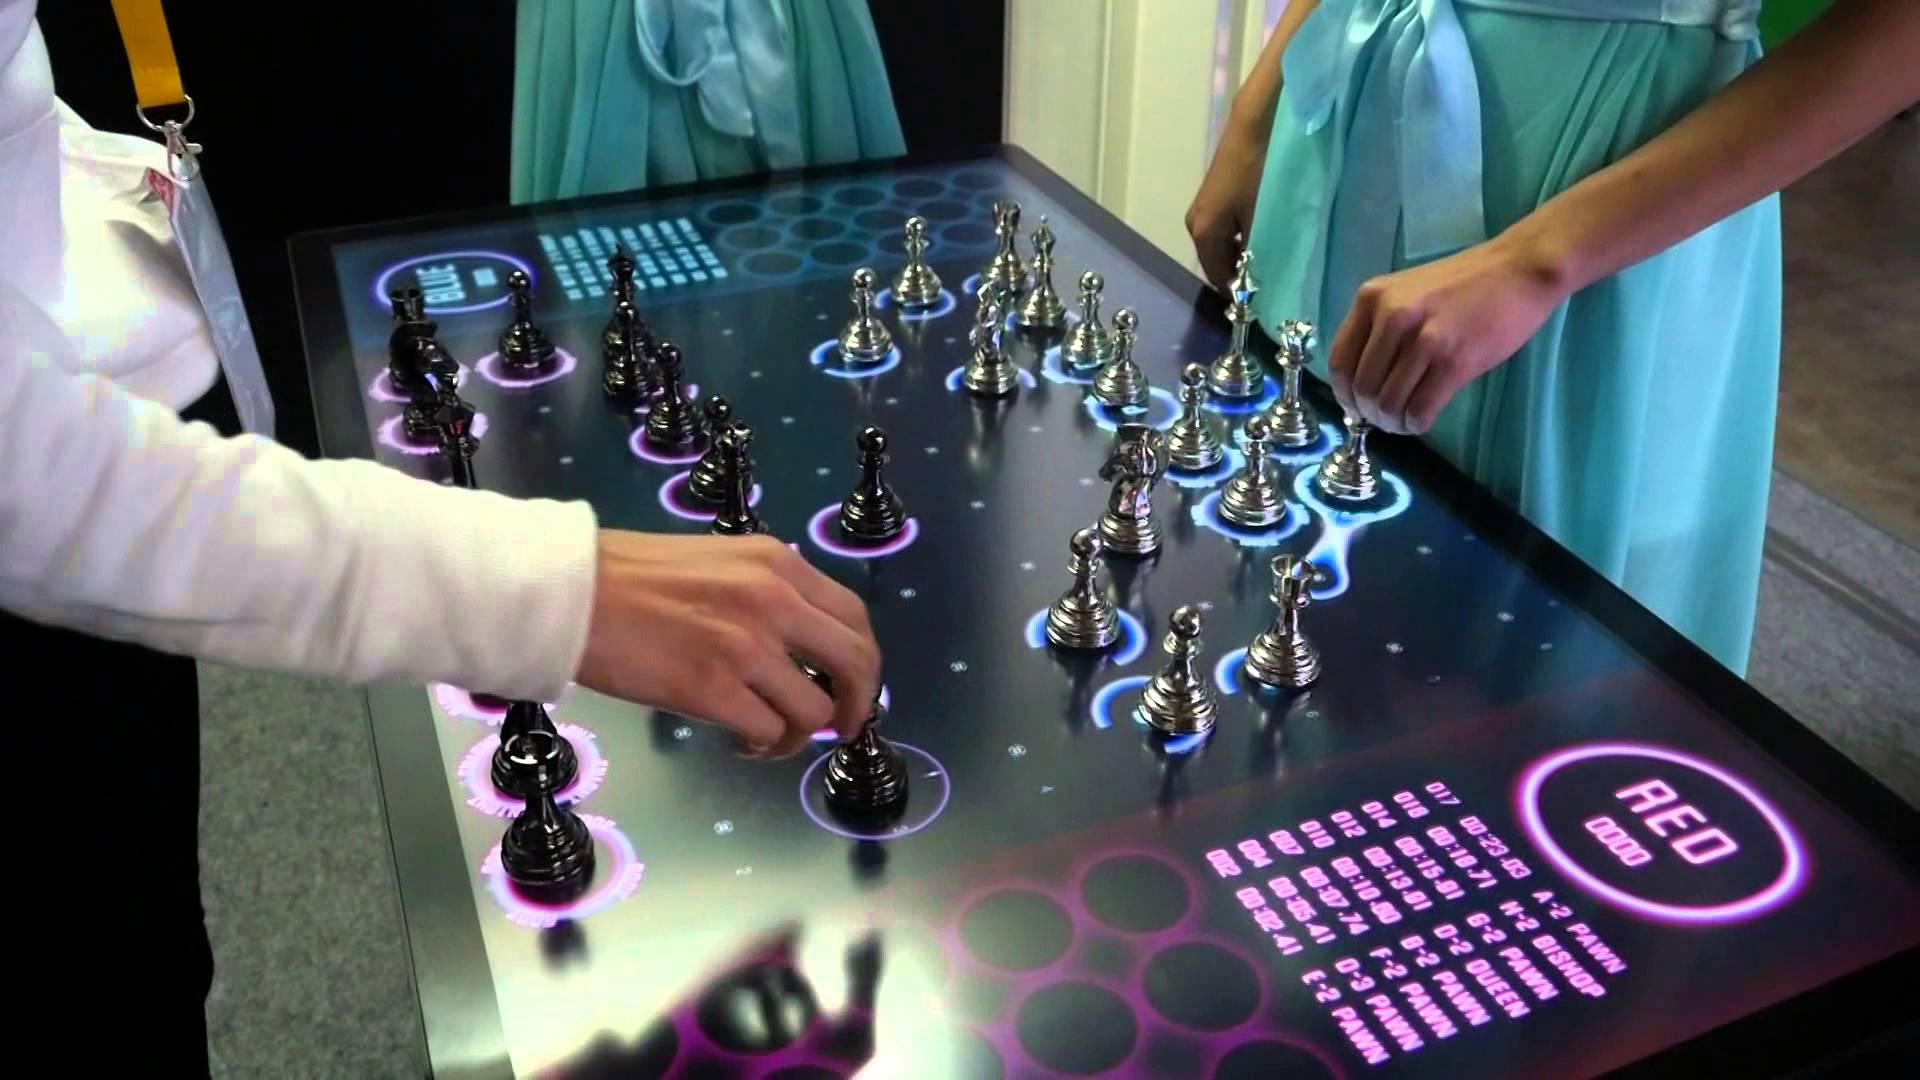 ターン制はもう古い! リアルタイムバトル式のチェス